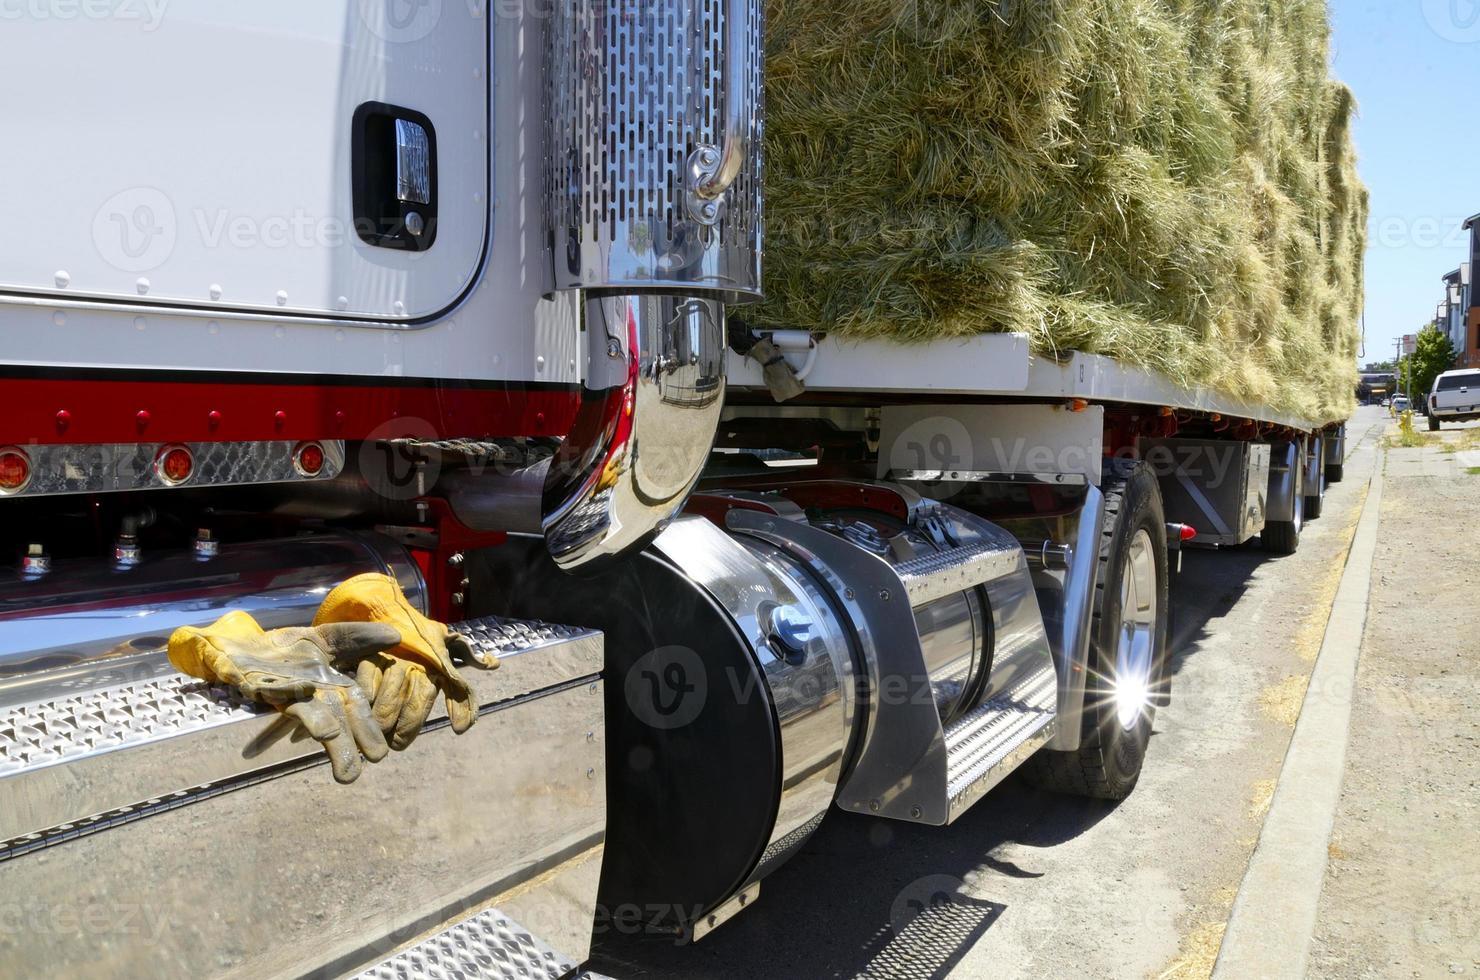 Cerrar a la vista de un camión cargado de heno foto